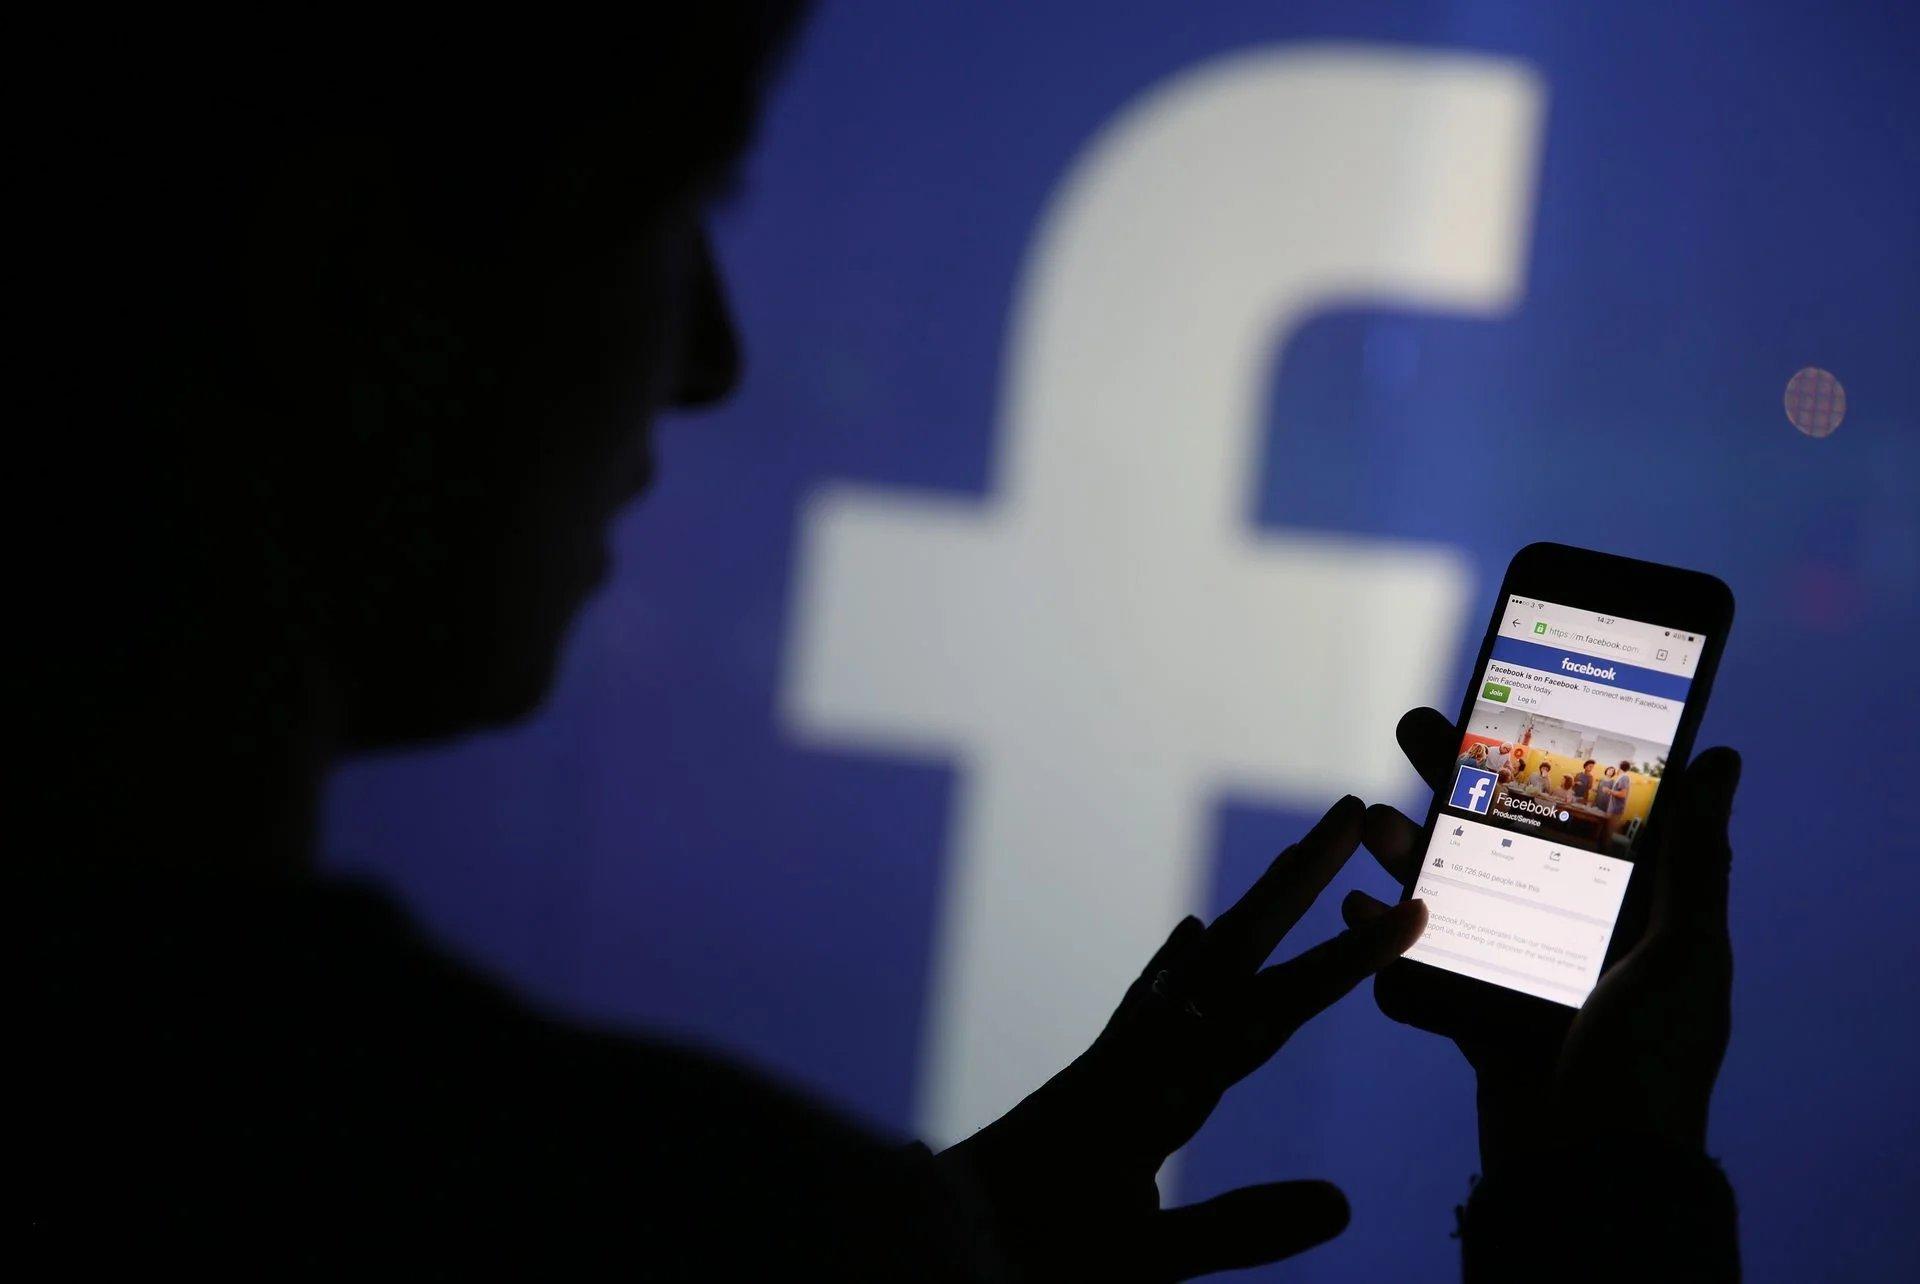 Pubblicazione foto video senza consenso sui social network: cosa fare?